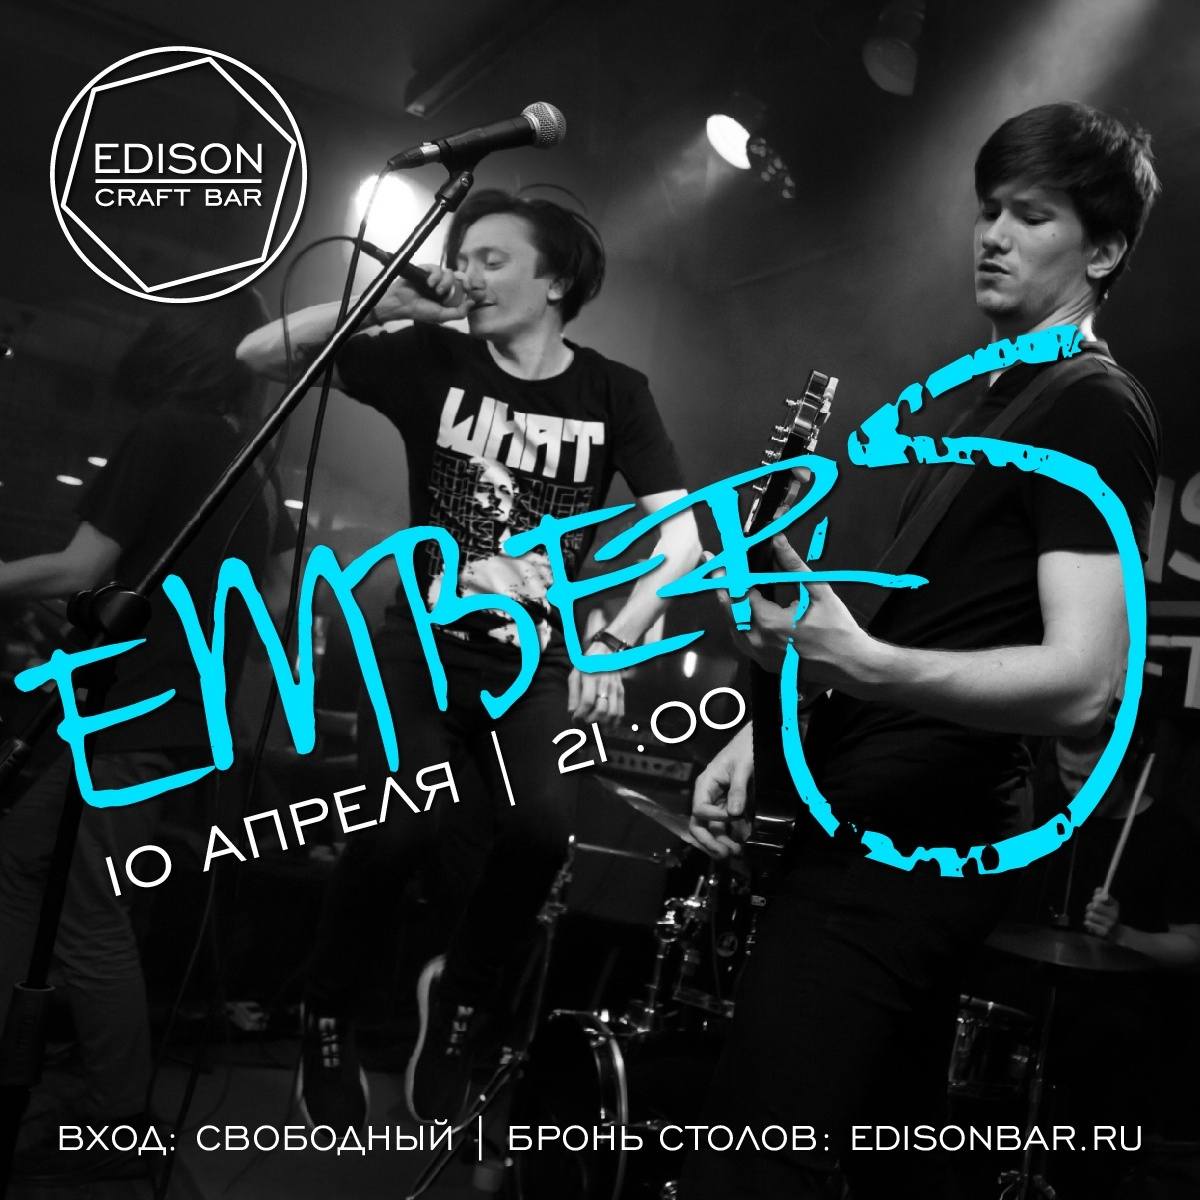 Концерт кавер-группы EMBERS